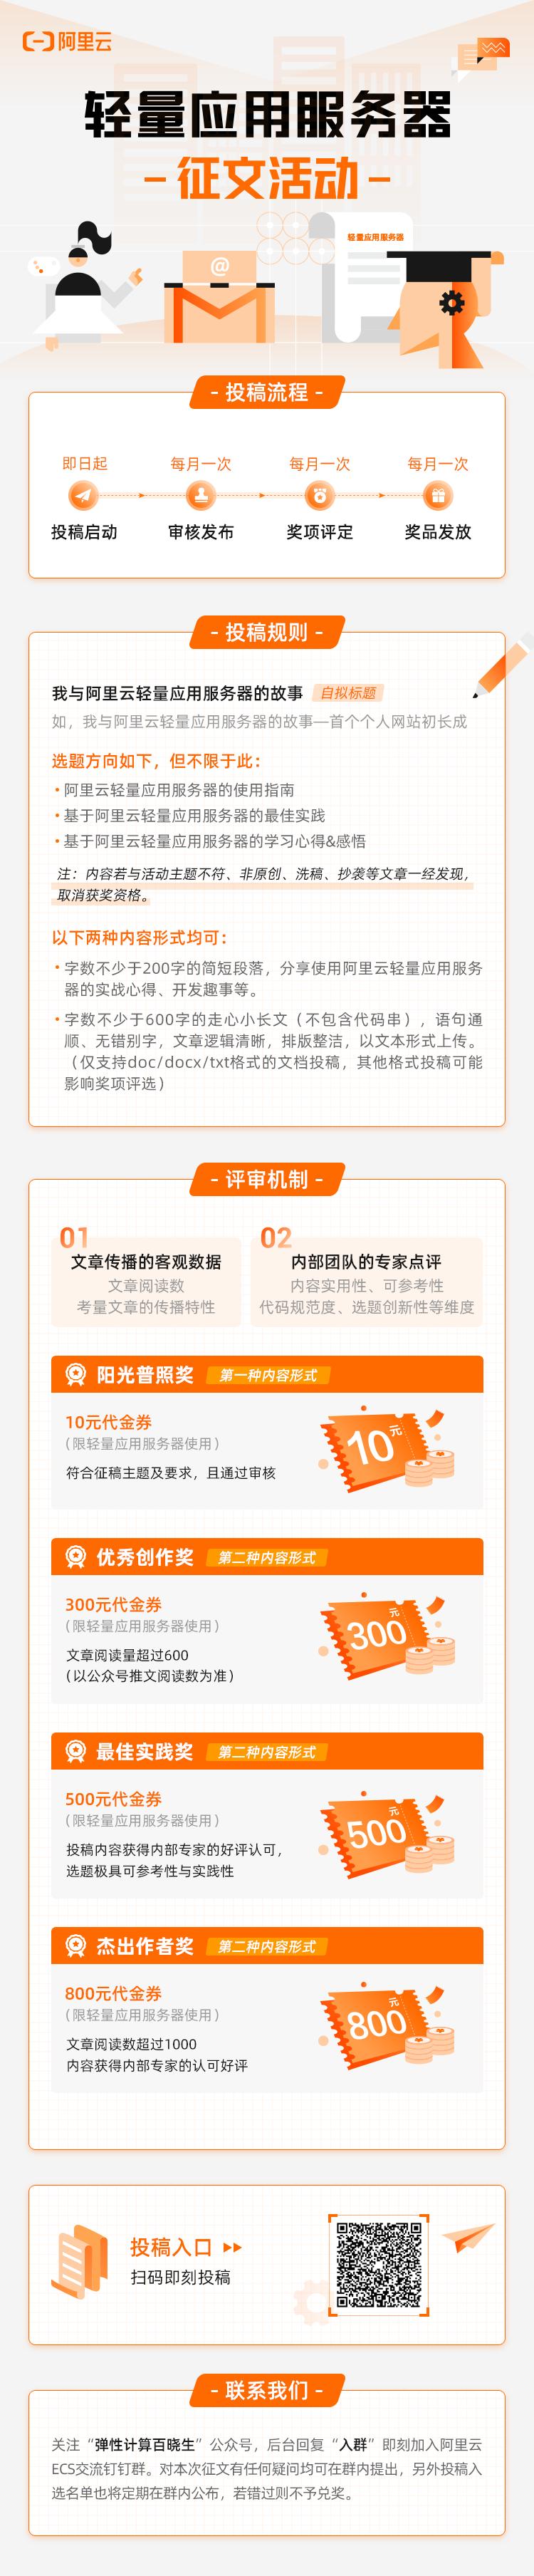 宣传长图-0730.png